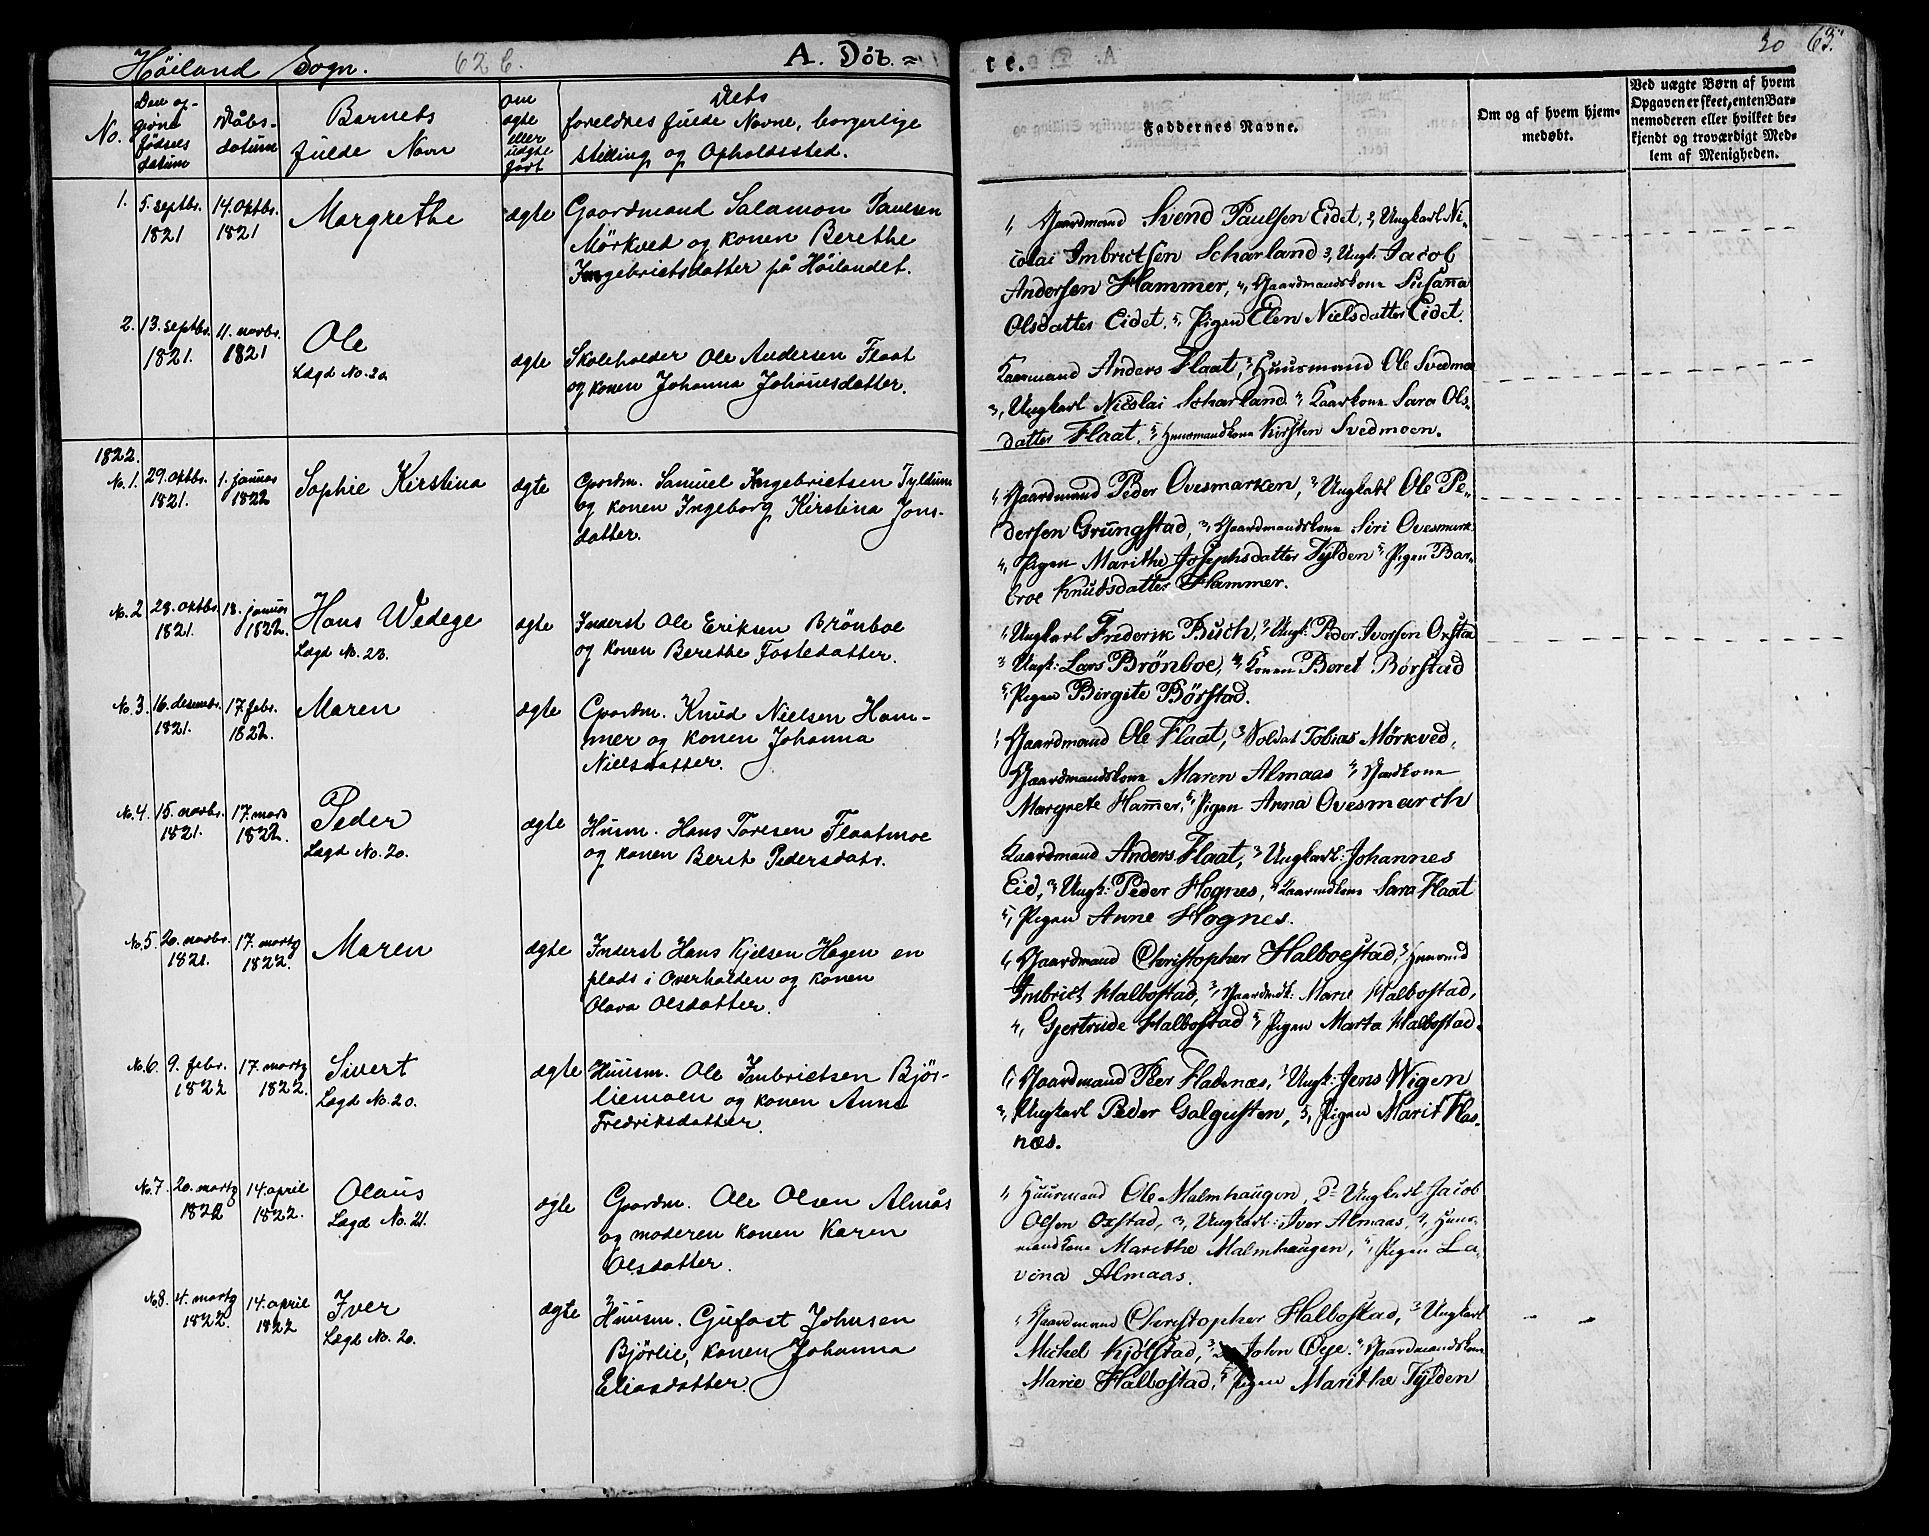 SAT, Ministerialprotokoller, klokkerbøker og fødselsregistre - Nord-Trøndelag, 758/L0510: Ministerialbok nr. 758A01 /2, 1821-1841, s. 30